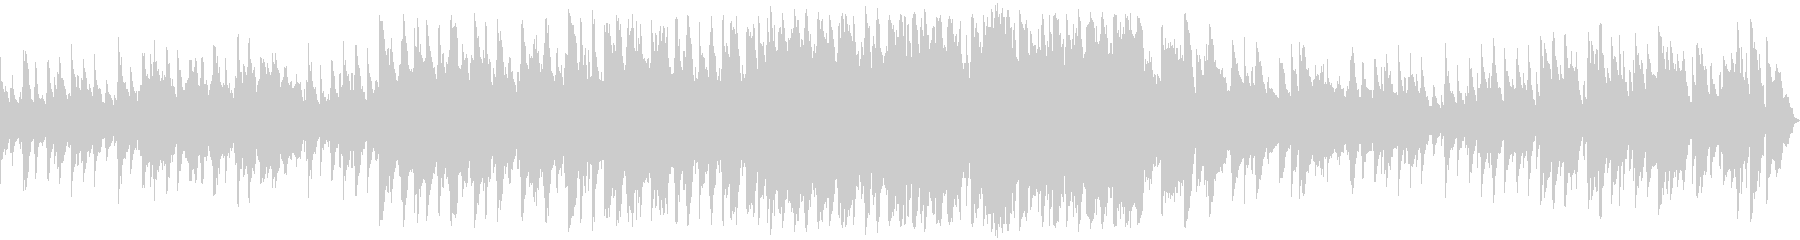 アイリッシュ風のBGMの未再生の波形